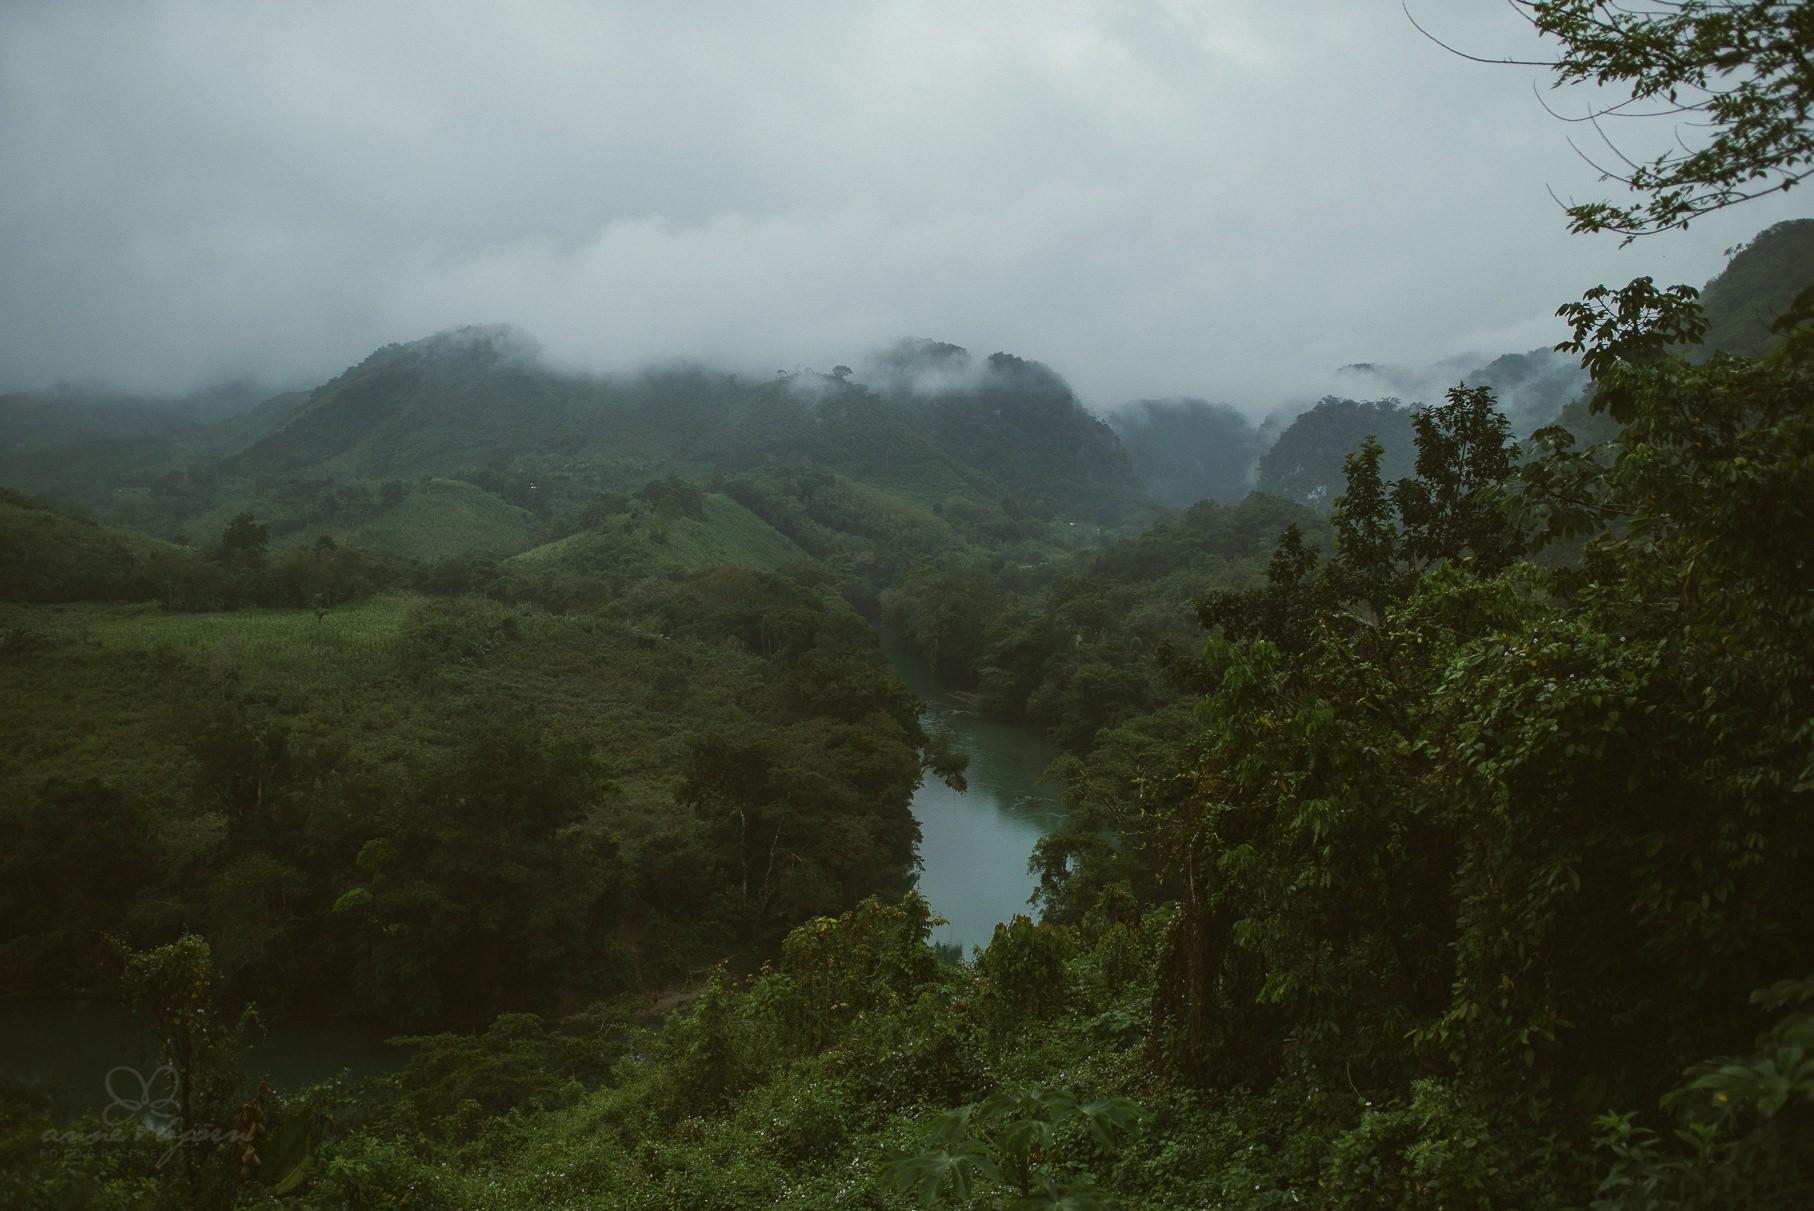 0178 anne und bjoern guatemala 811 3765 - 4 Wochen durch Guatemala - backpacking durch Mittelamerika